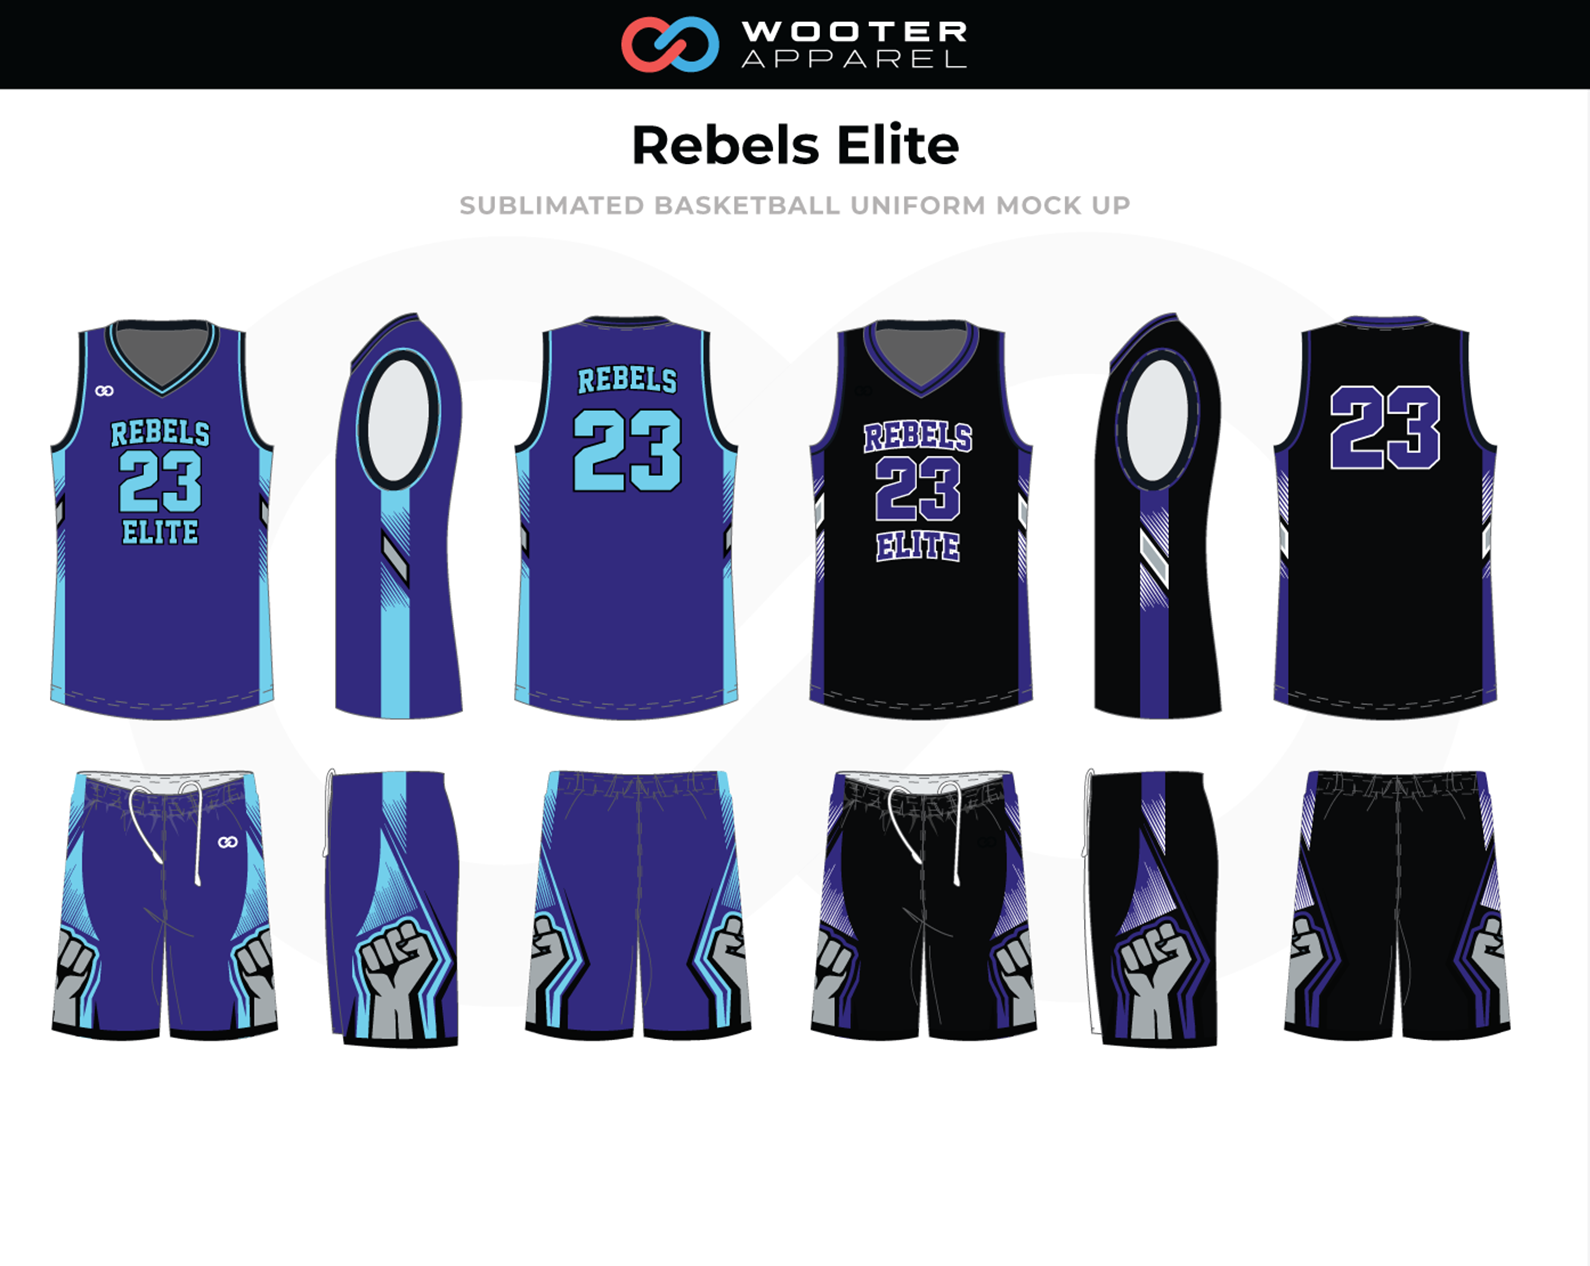 Rebels-Elite-Sublimated-Basketball-Uniform-Mock-Up_v4_2018.png